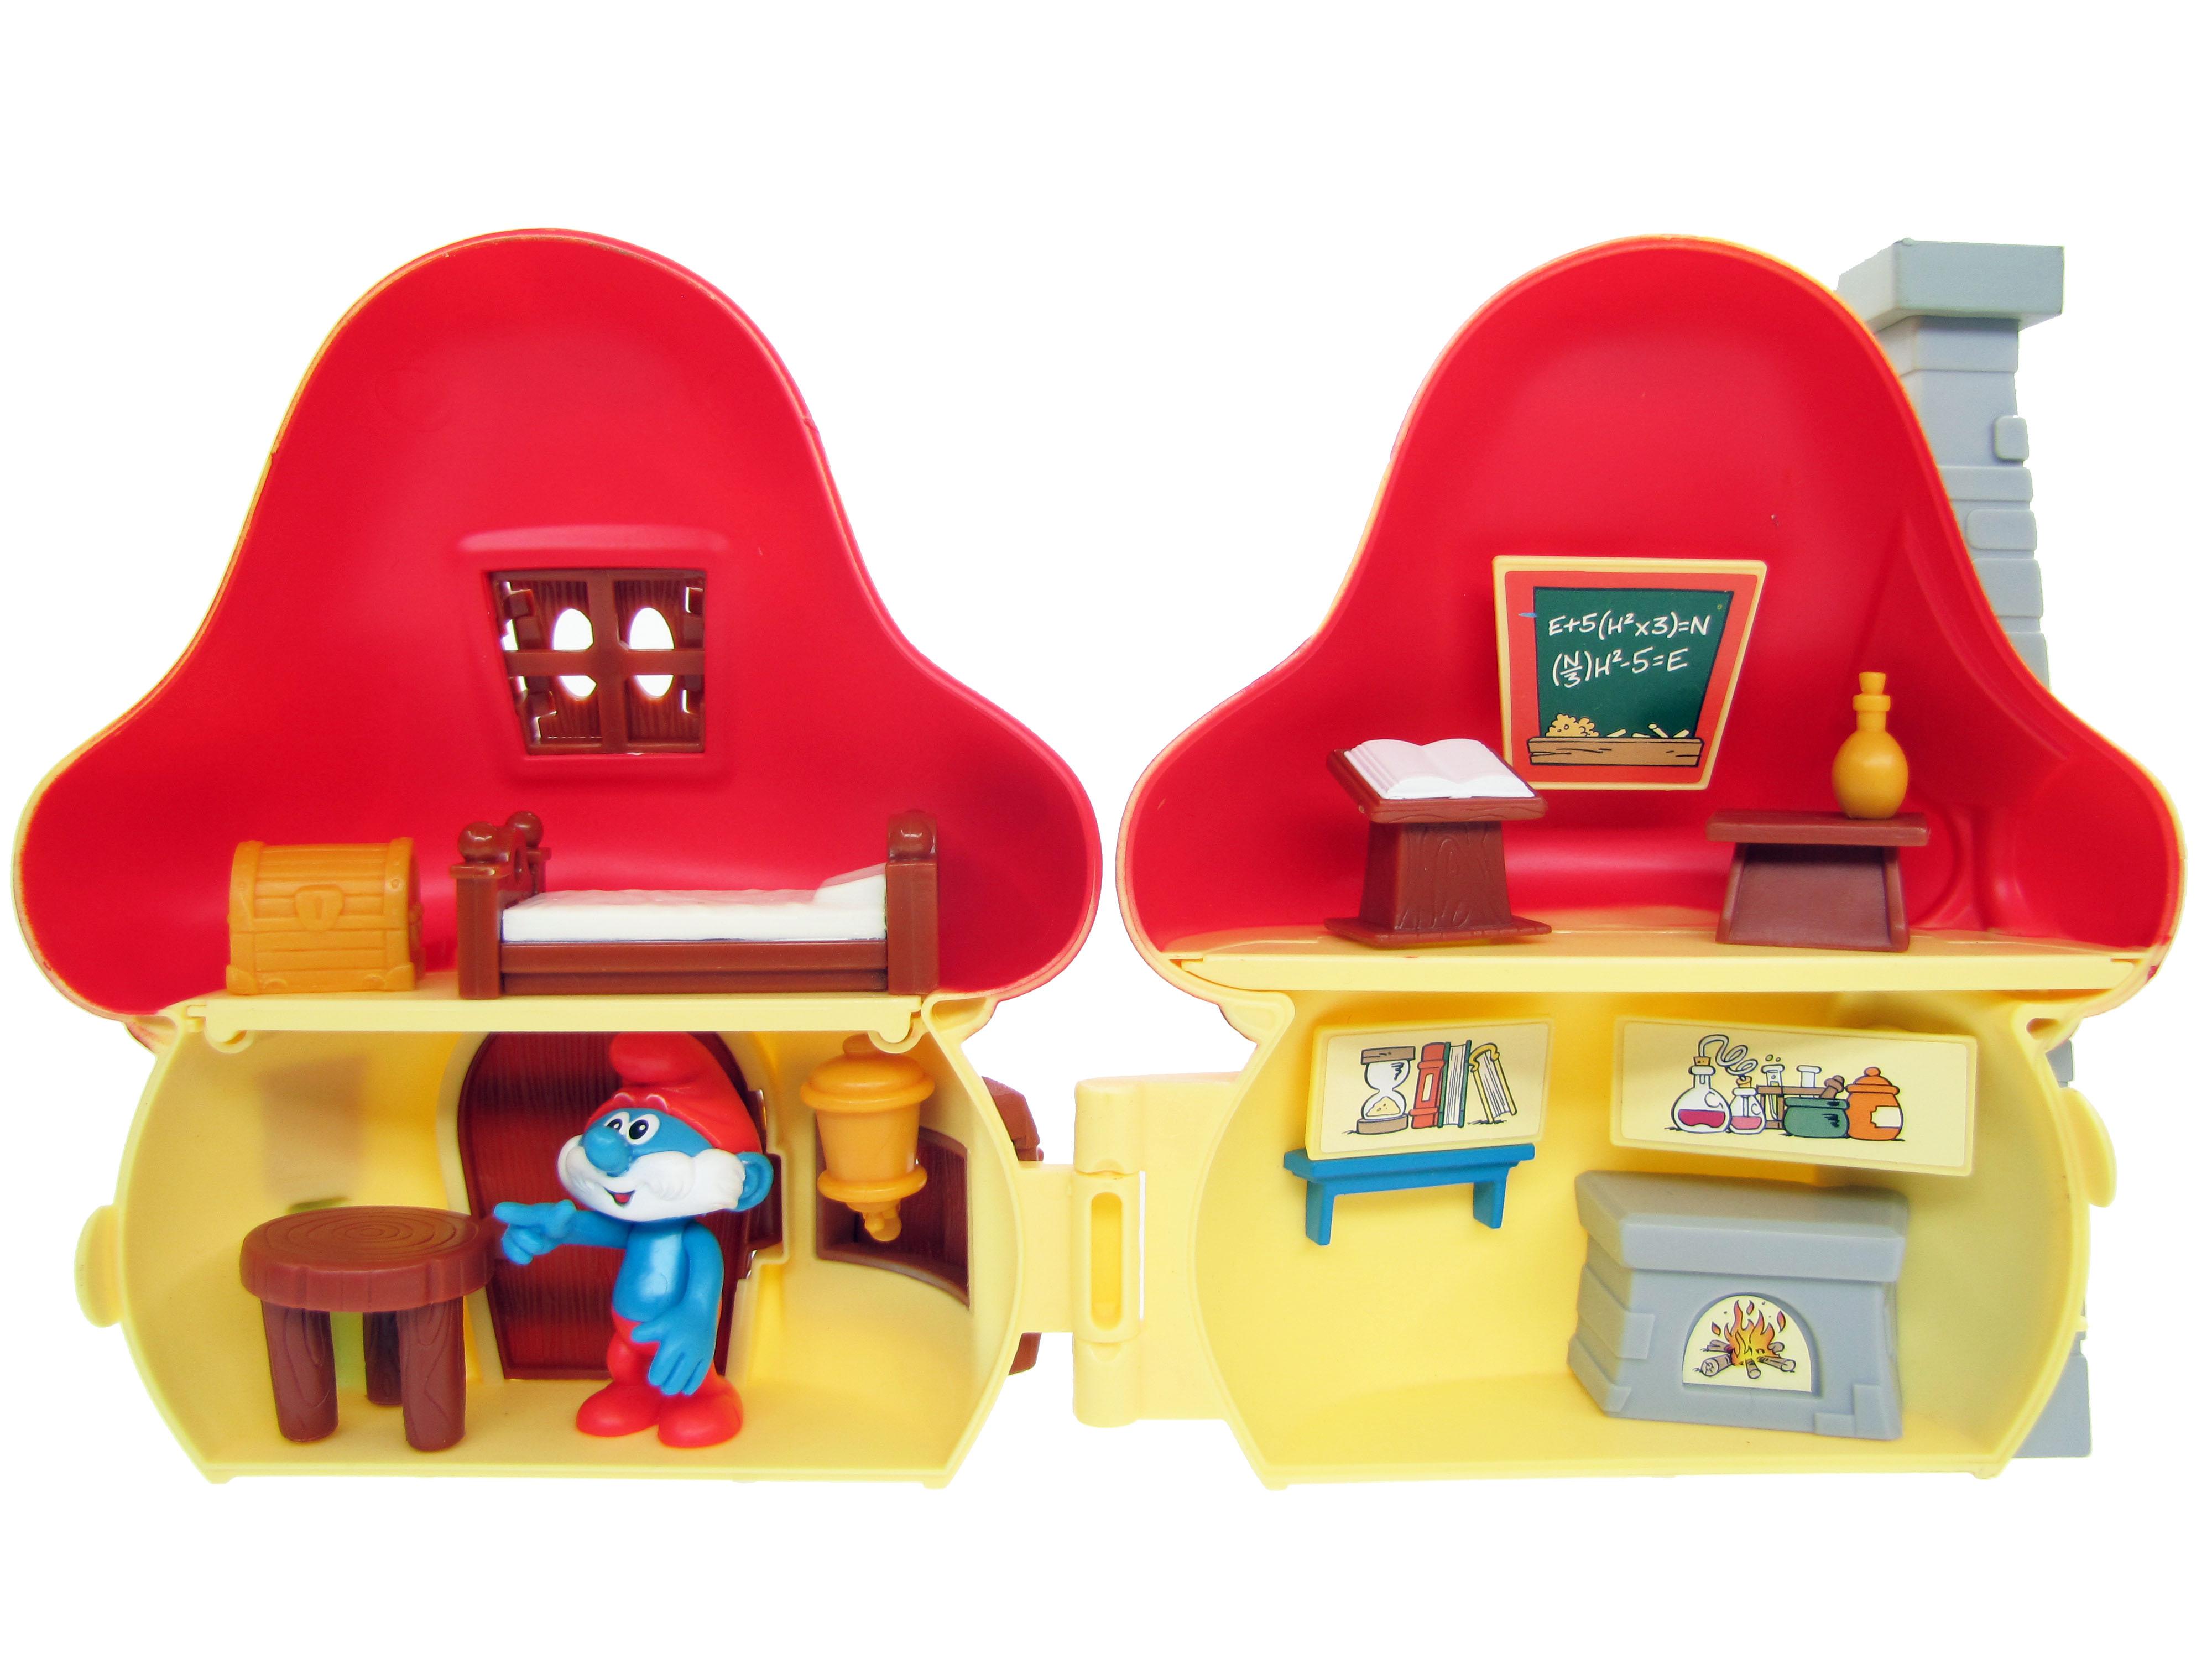 2008 The Smurfs Papa Smurf's Mushroom House Playset ...